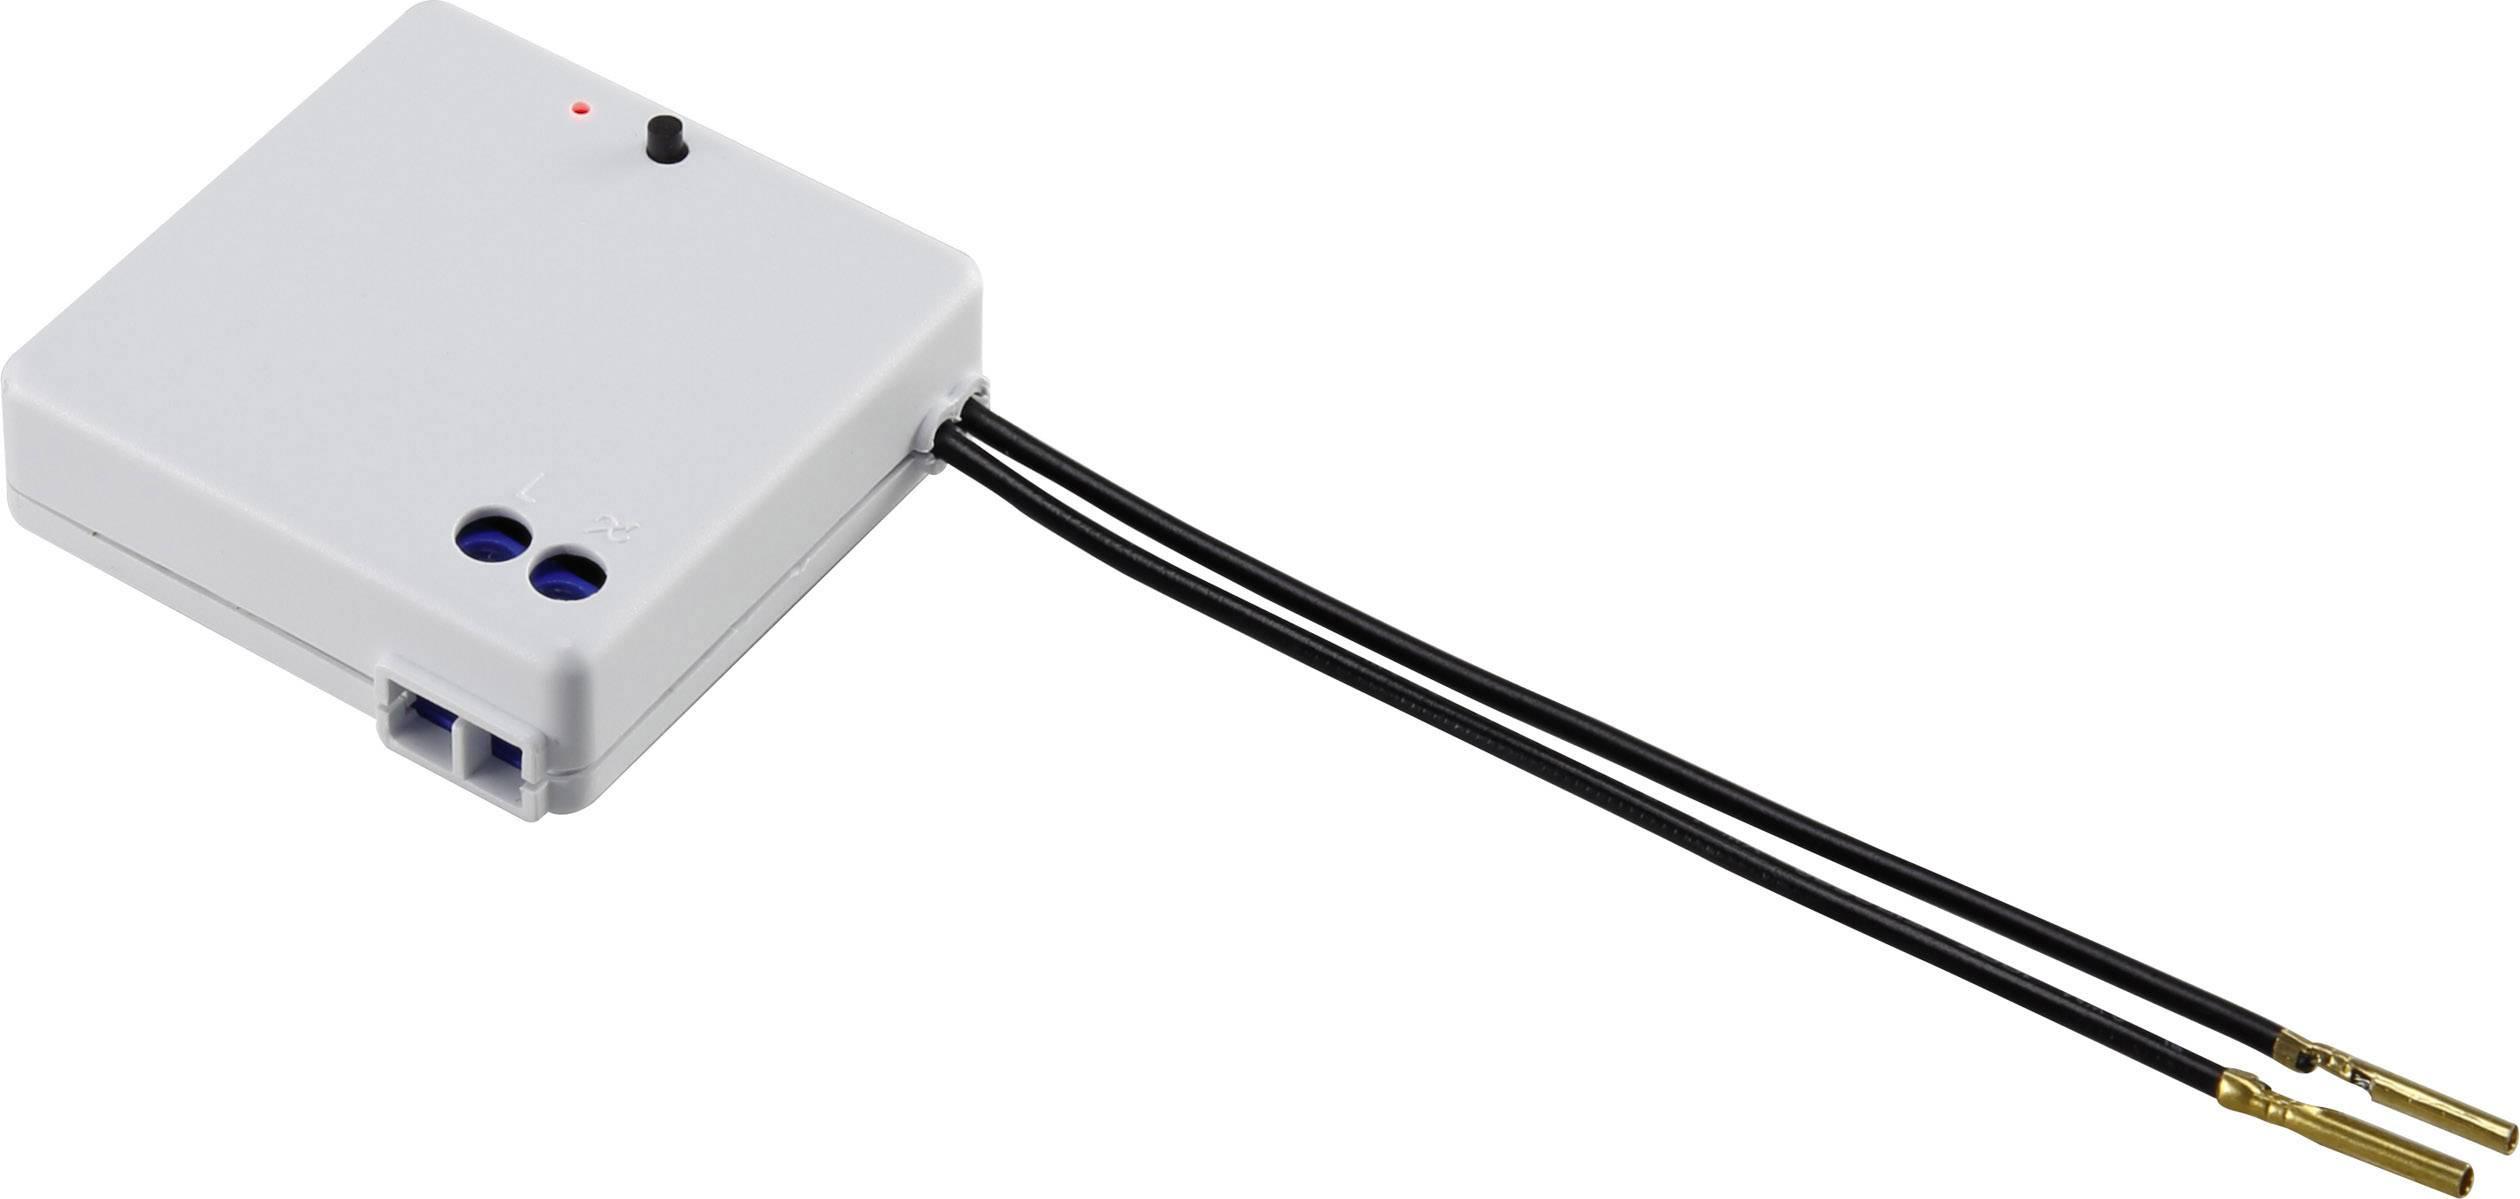 RSL bezdrôtový spínač pod omietku 1406725 spínací výkon (max.) 150 W, Max. dosah 70 m